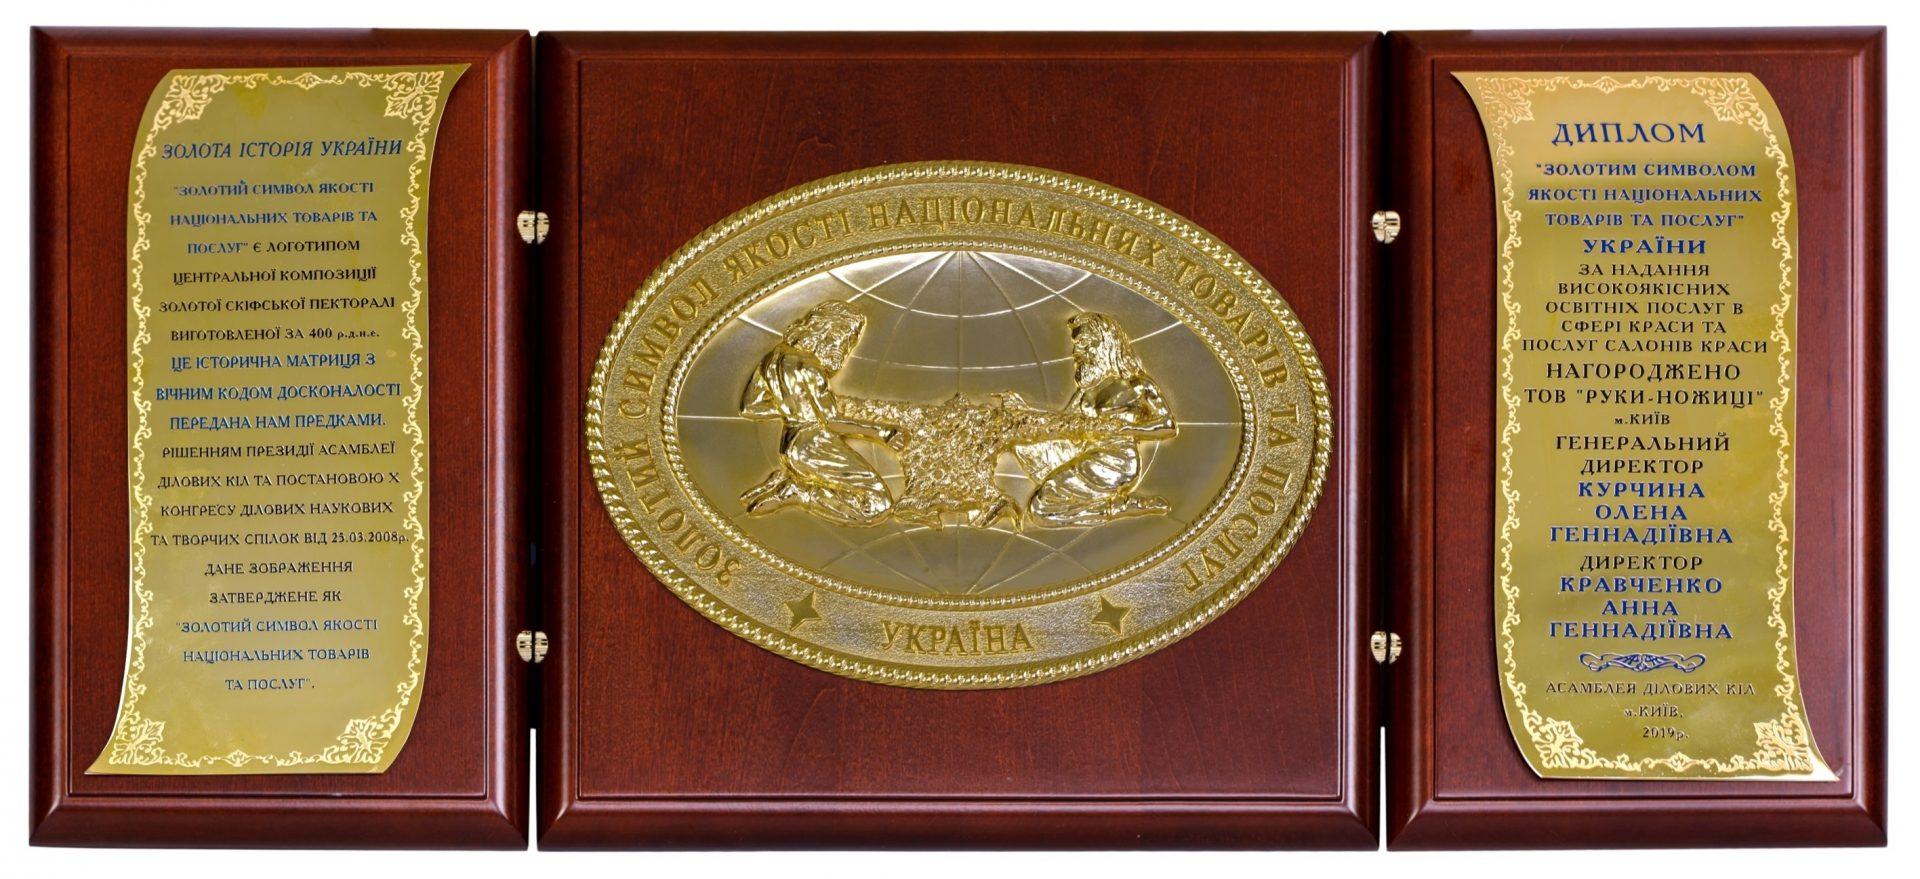 Компания «Руки-Ножницы» одержала государственную награду «Золотой символ качества национальных товаров и услуг»